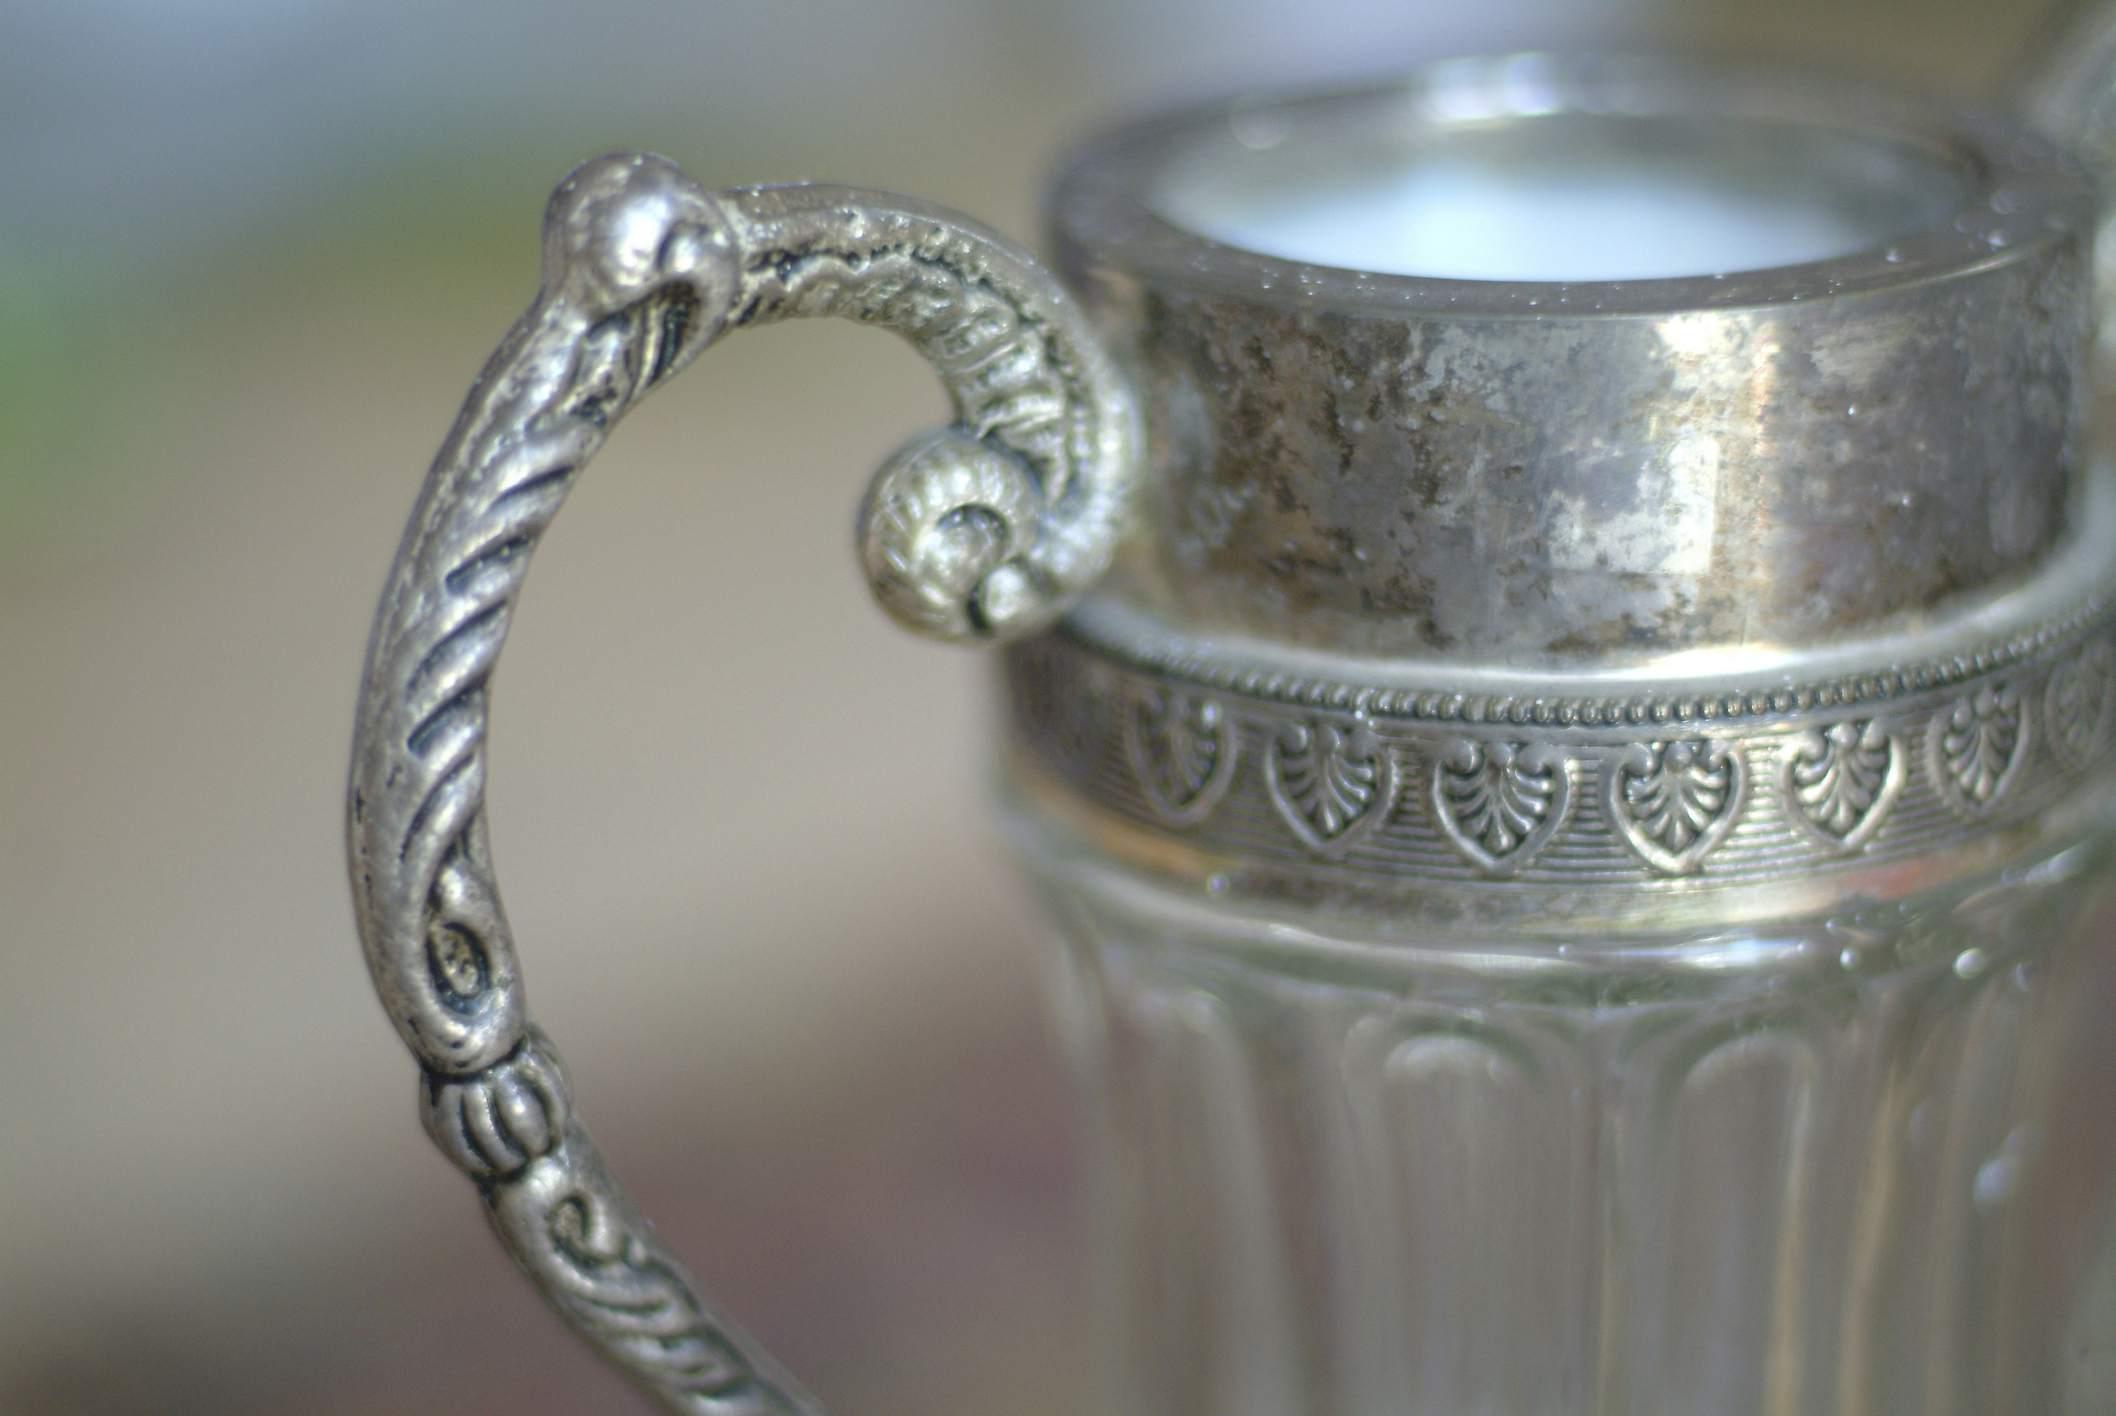 Markings on a silver pot